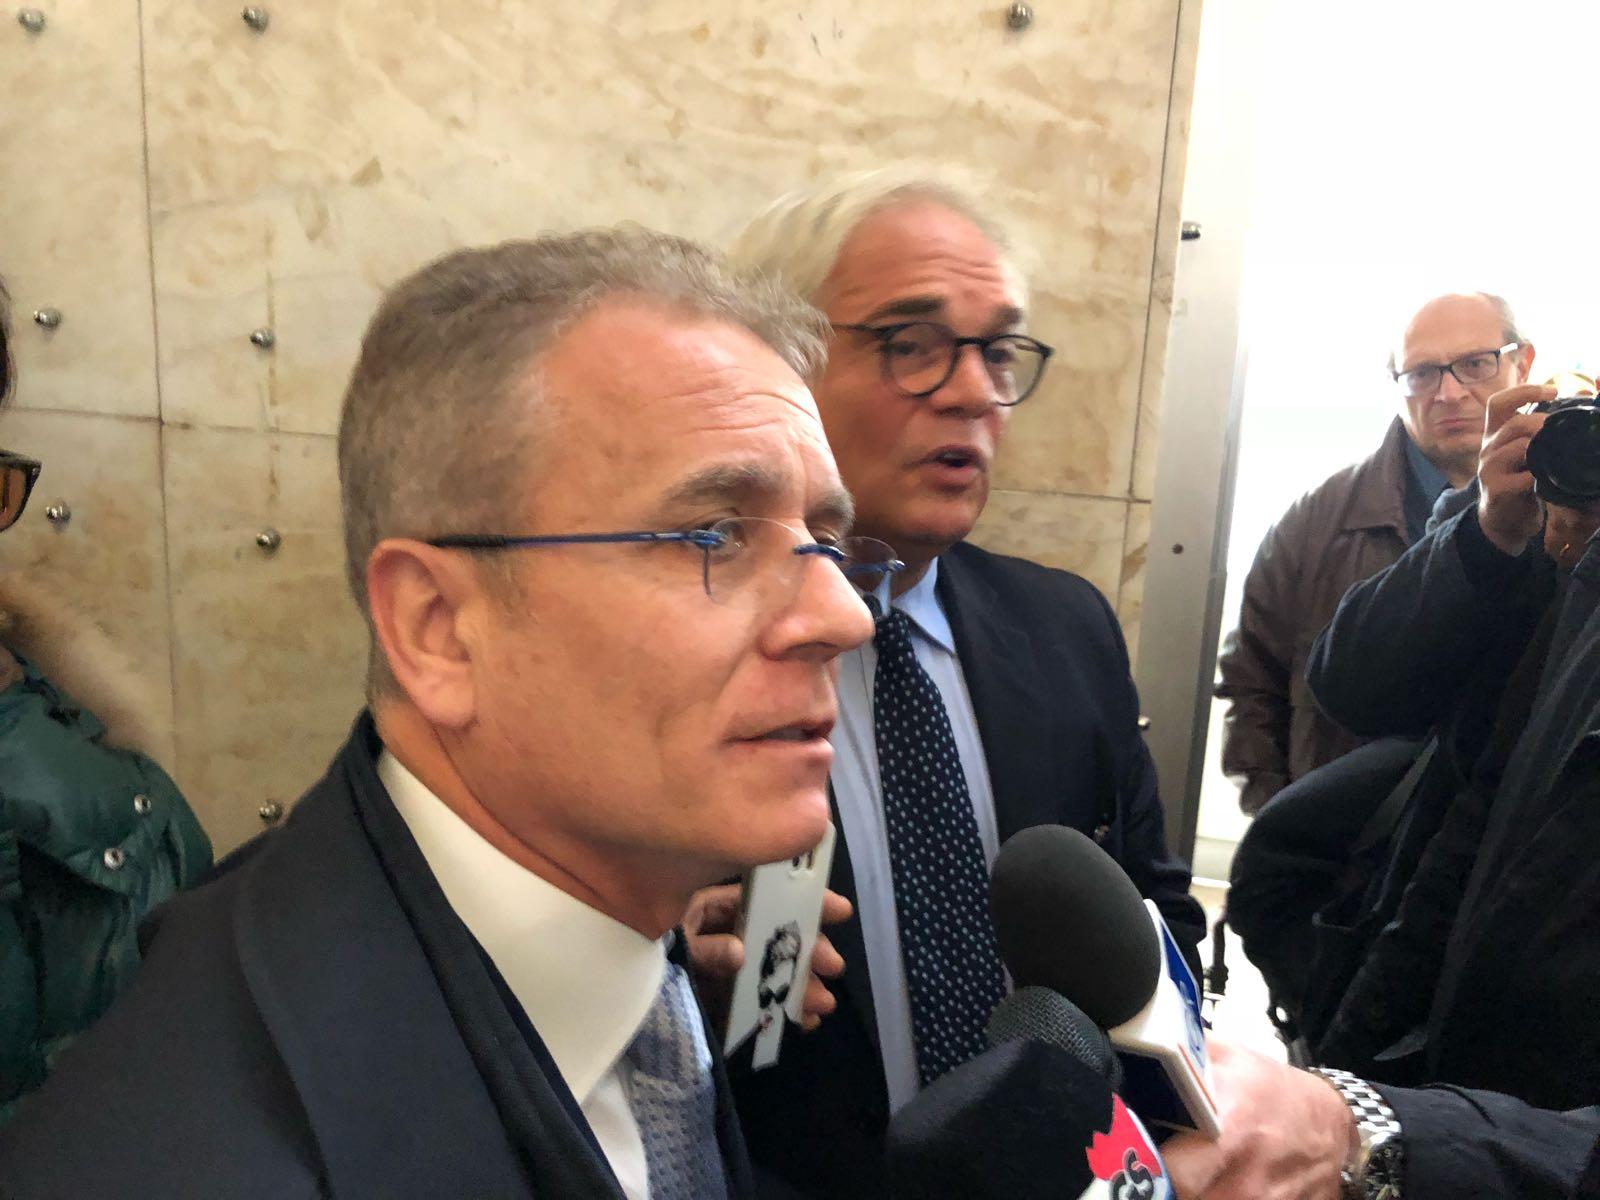 Fallimento Palermo, giudici in camera di consiglio Giammarva: